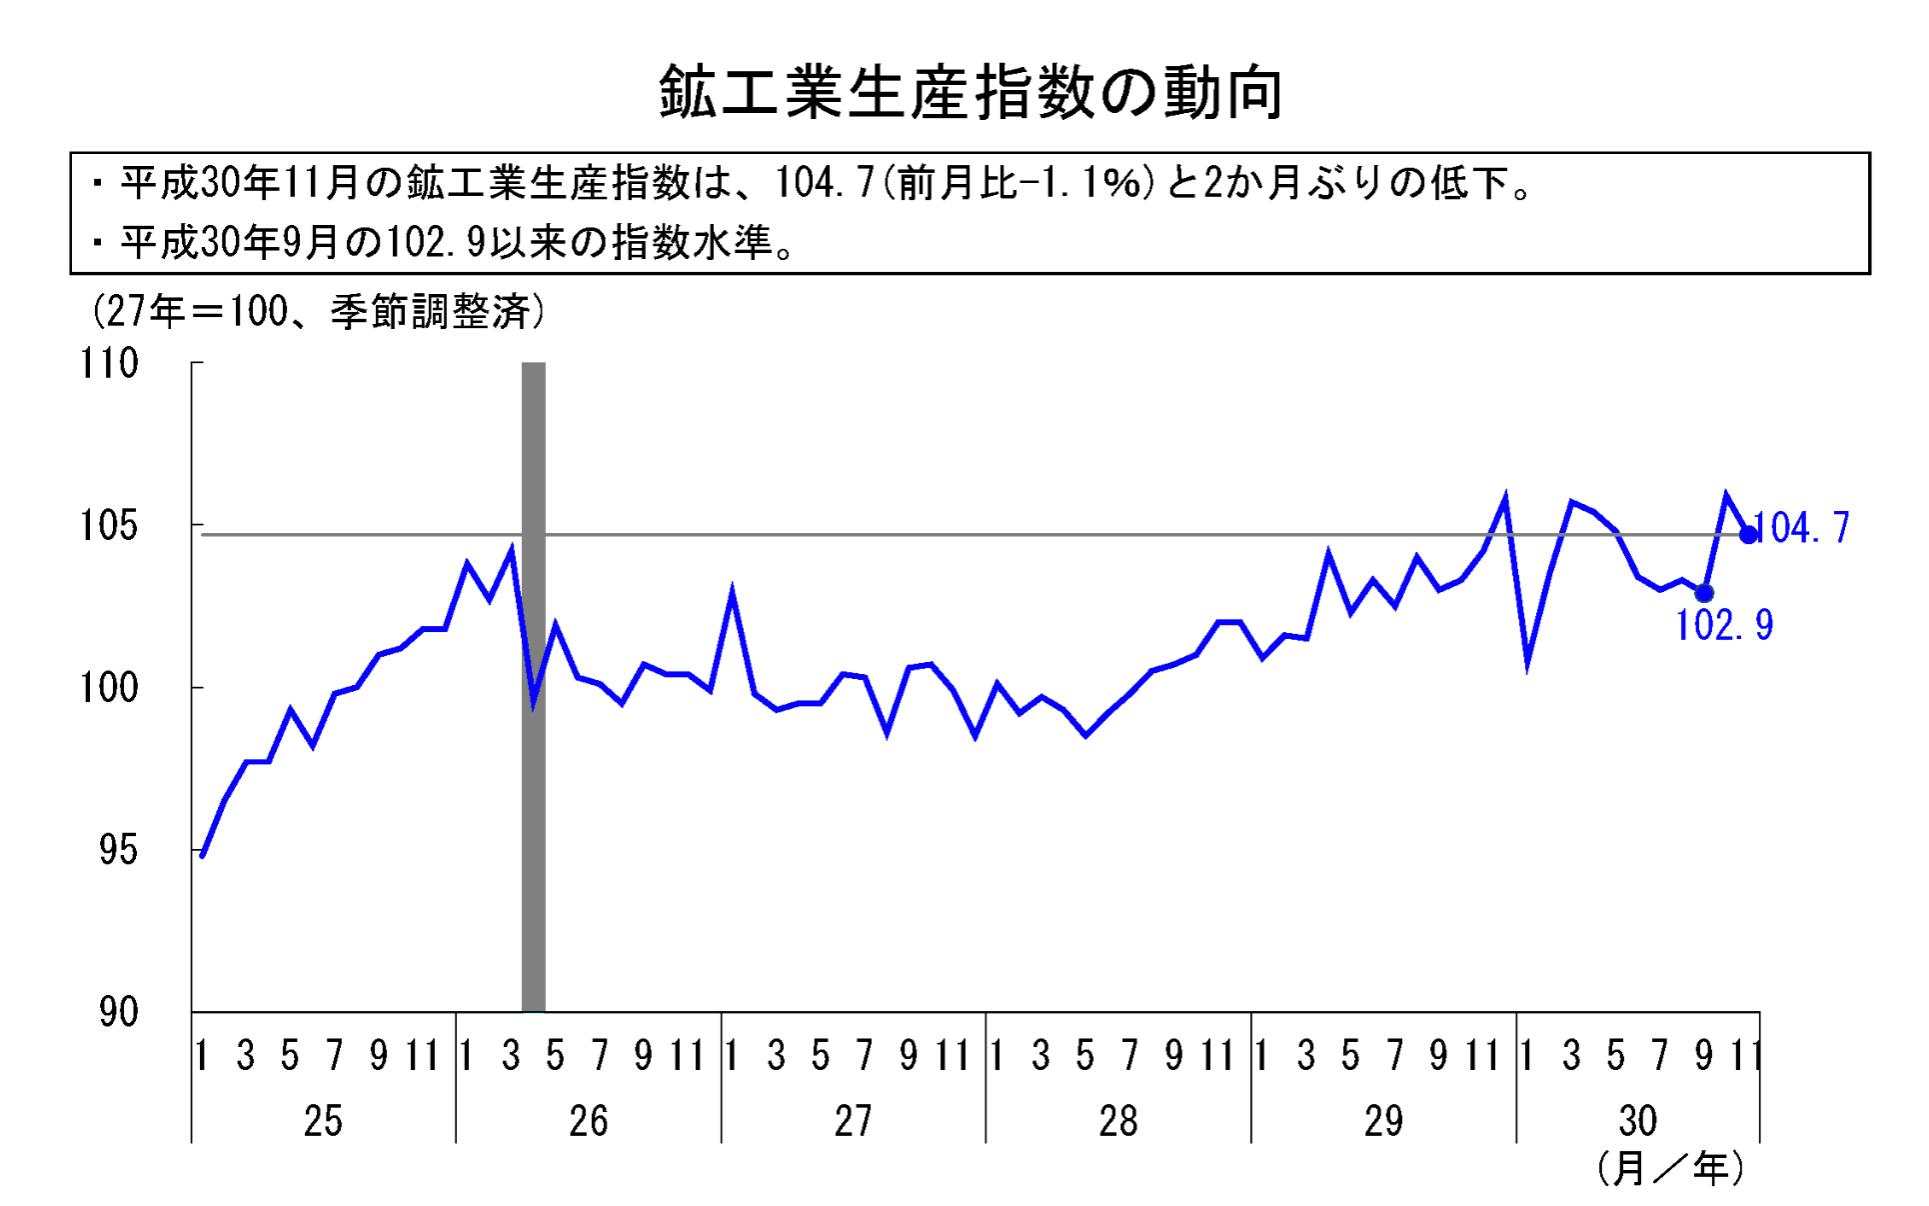 鉱工業指数 動向 201811